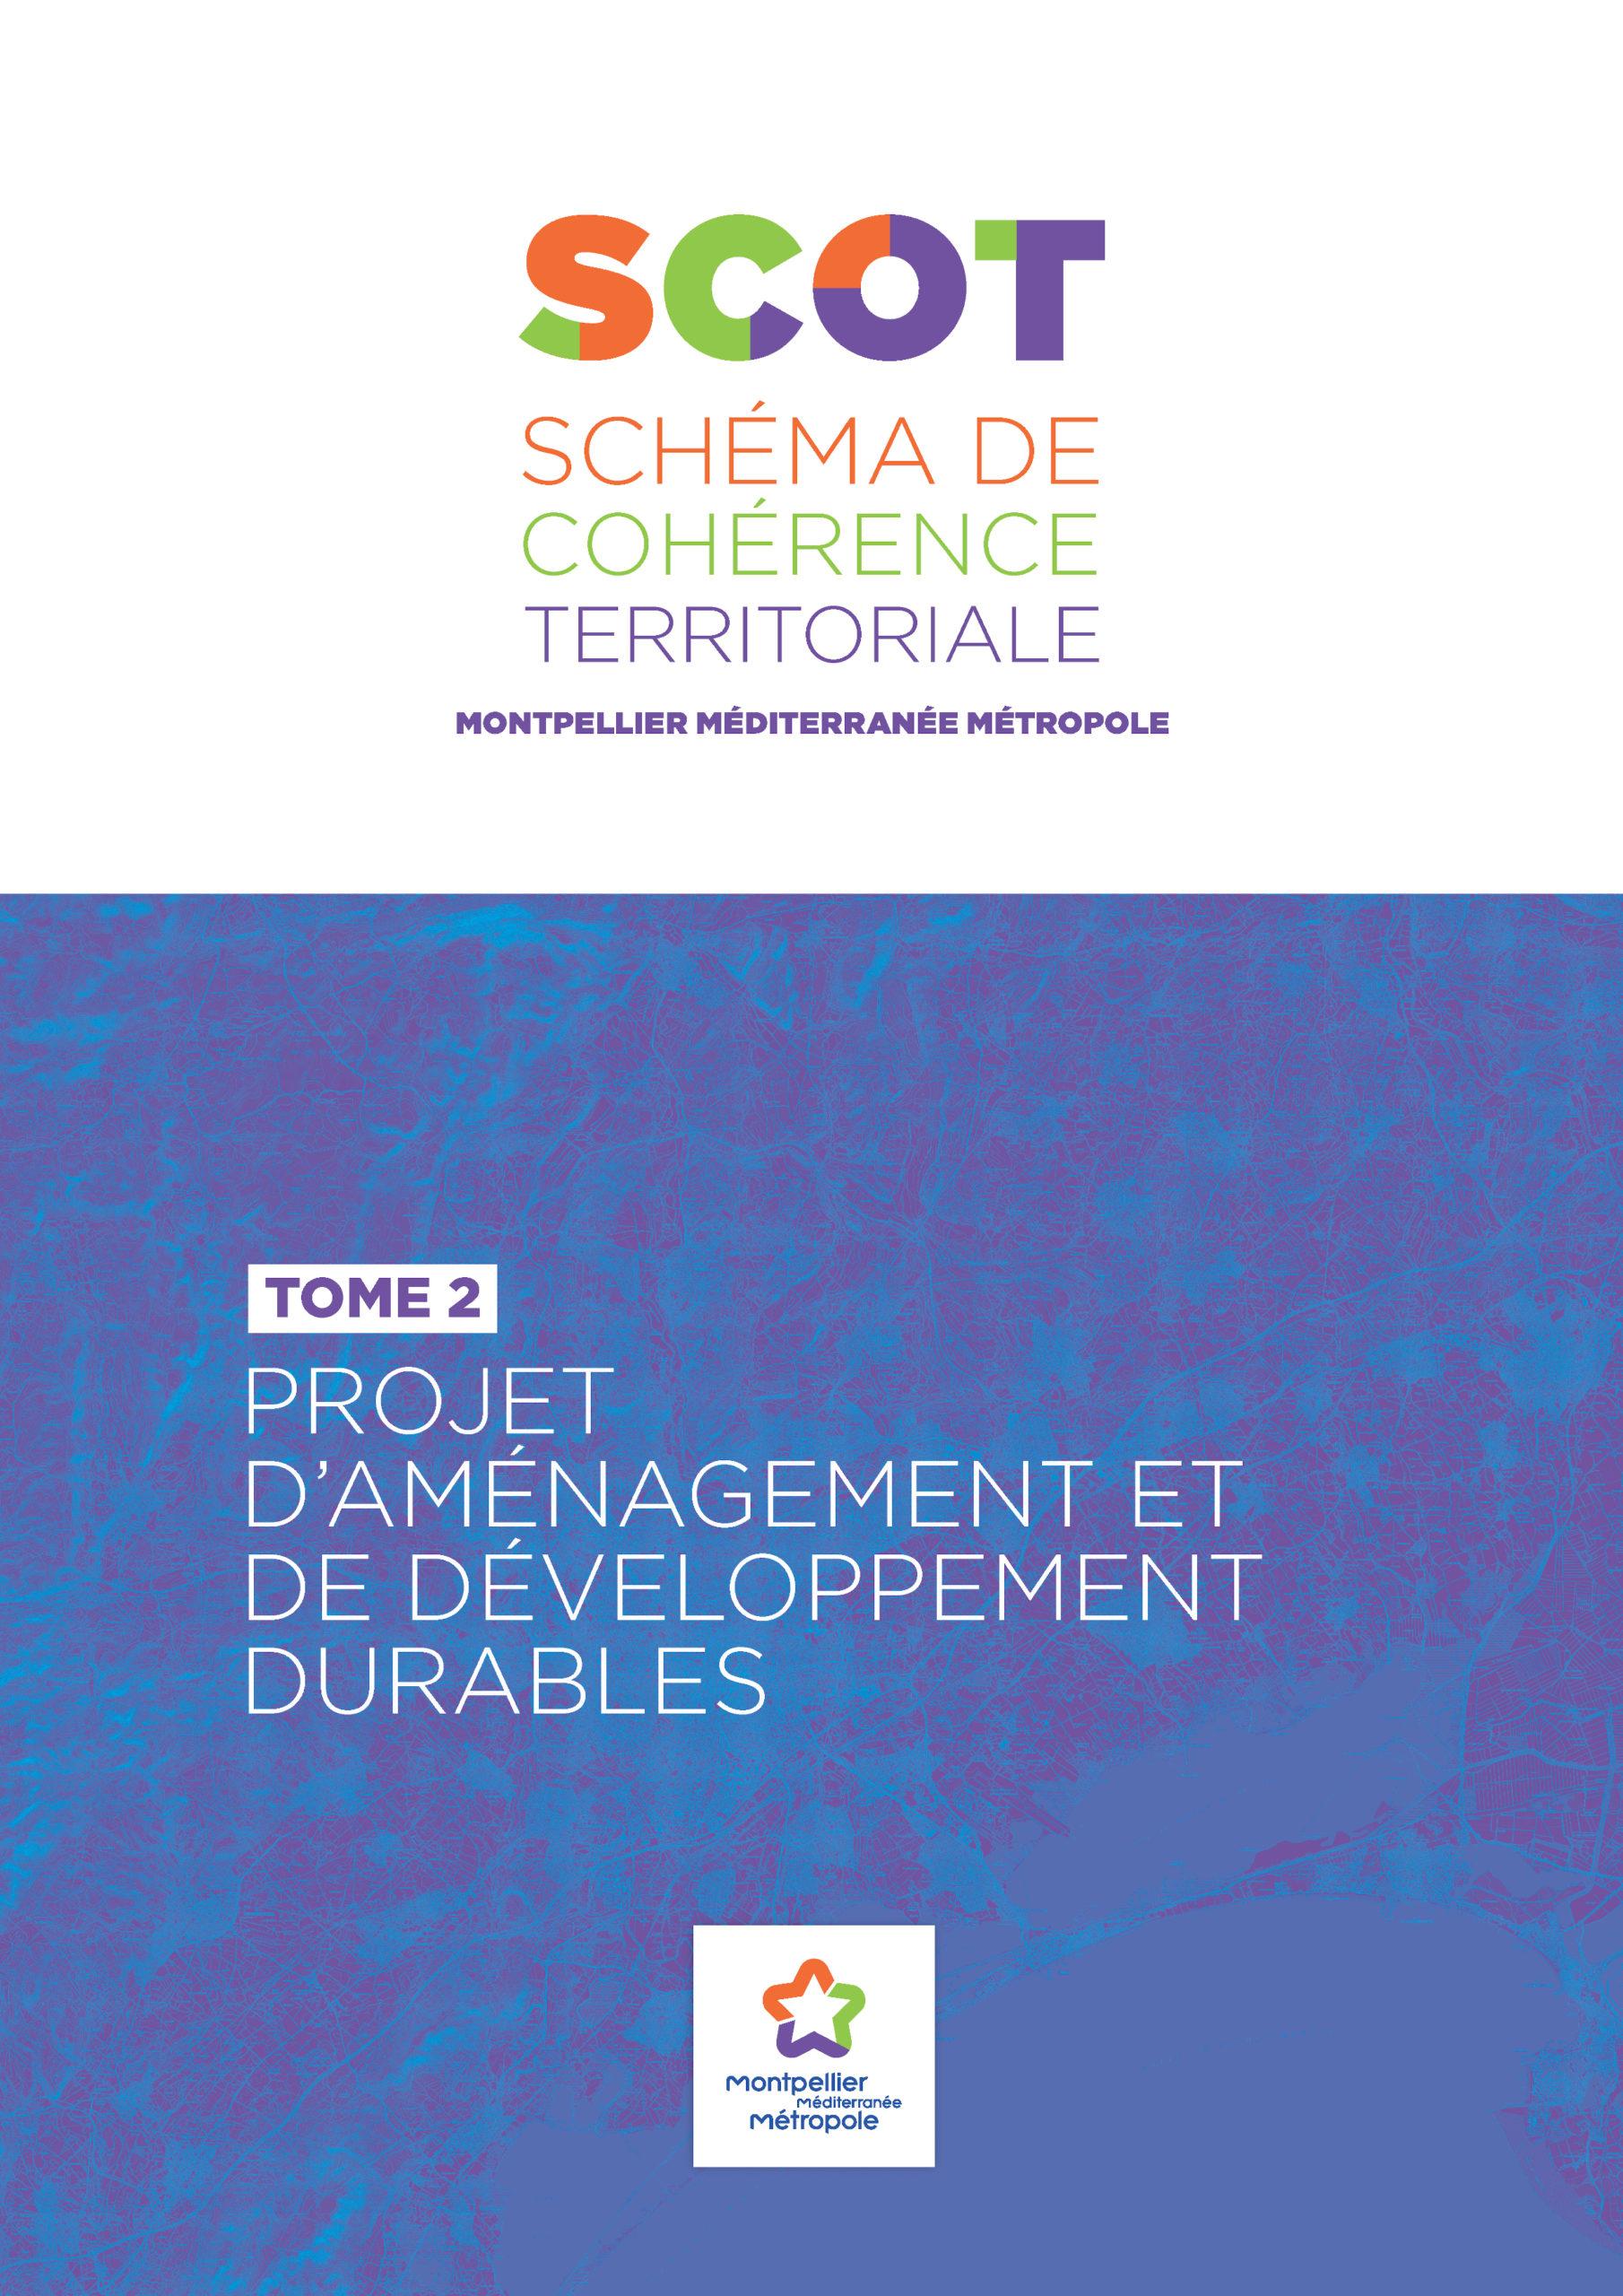 SCOT de la Métropole de Montpellier. Plan d'Aménagement et de Développement Durables - Montpellier Méditerranée Métropole